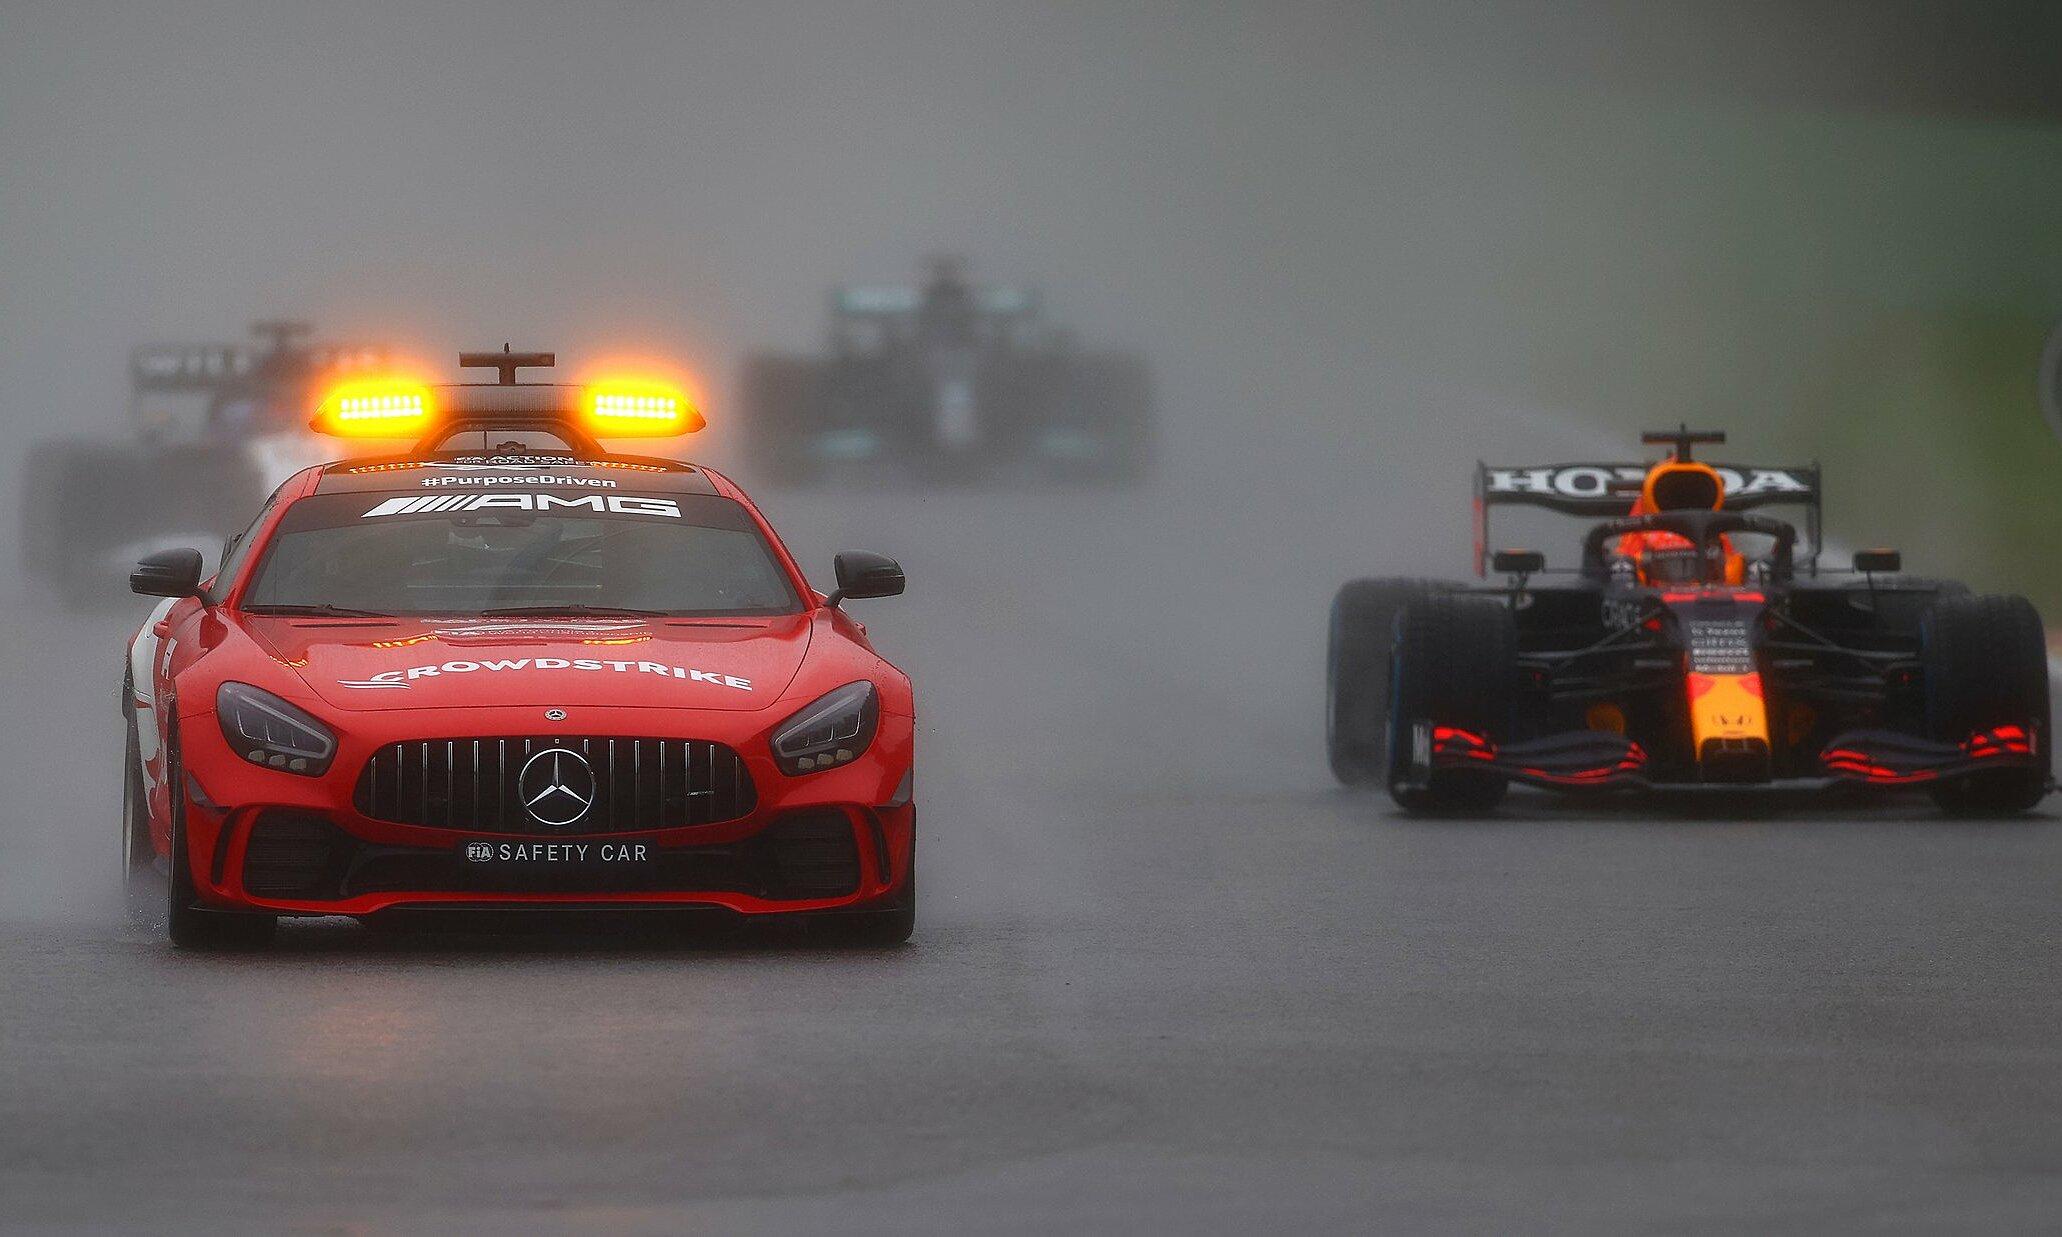 Việc các tay đua chạy sau xe an toàn, theo Masi, là cách để ban tổ chức F1 xem xét tình hình và chờ đợi thời tiết tiến triến thuận lợi hơn. Ảnh: F1